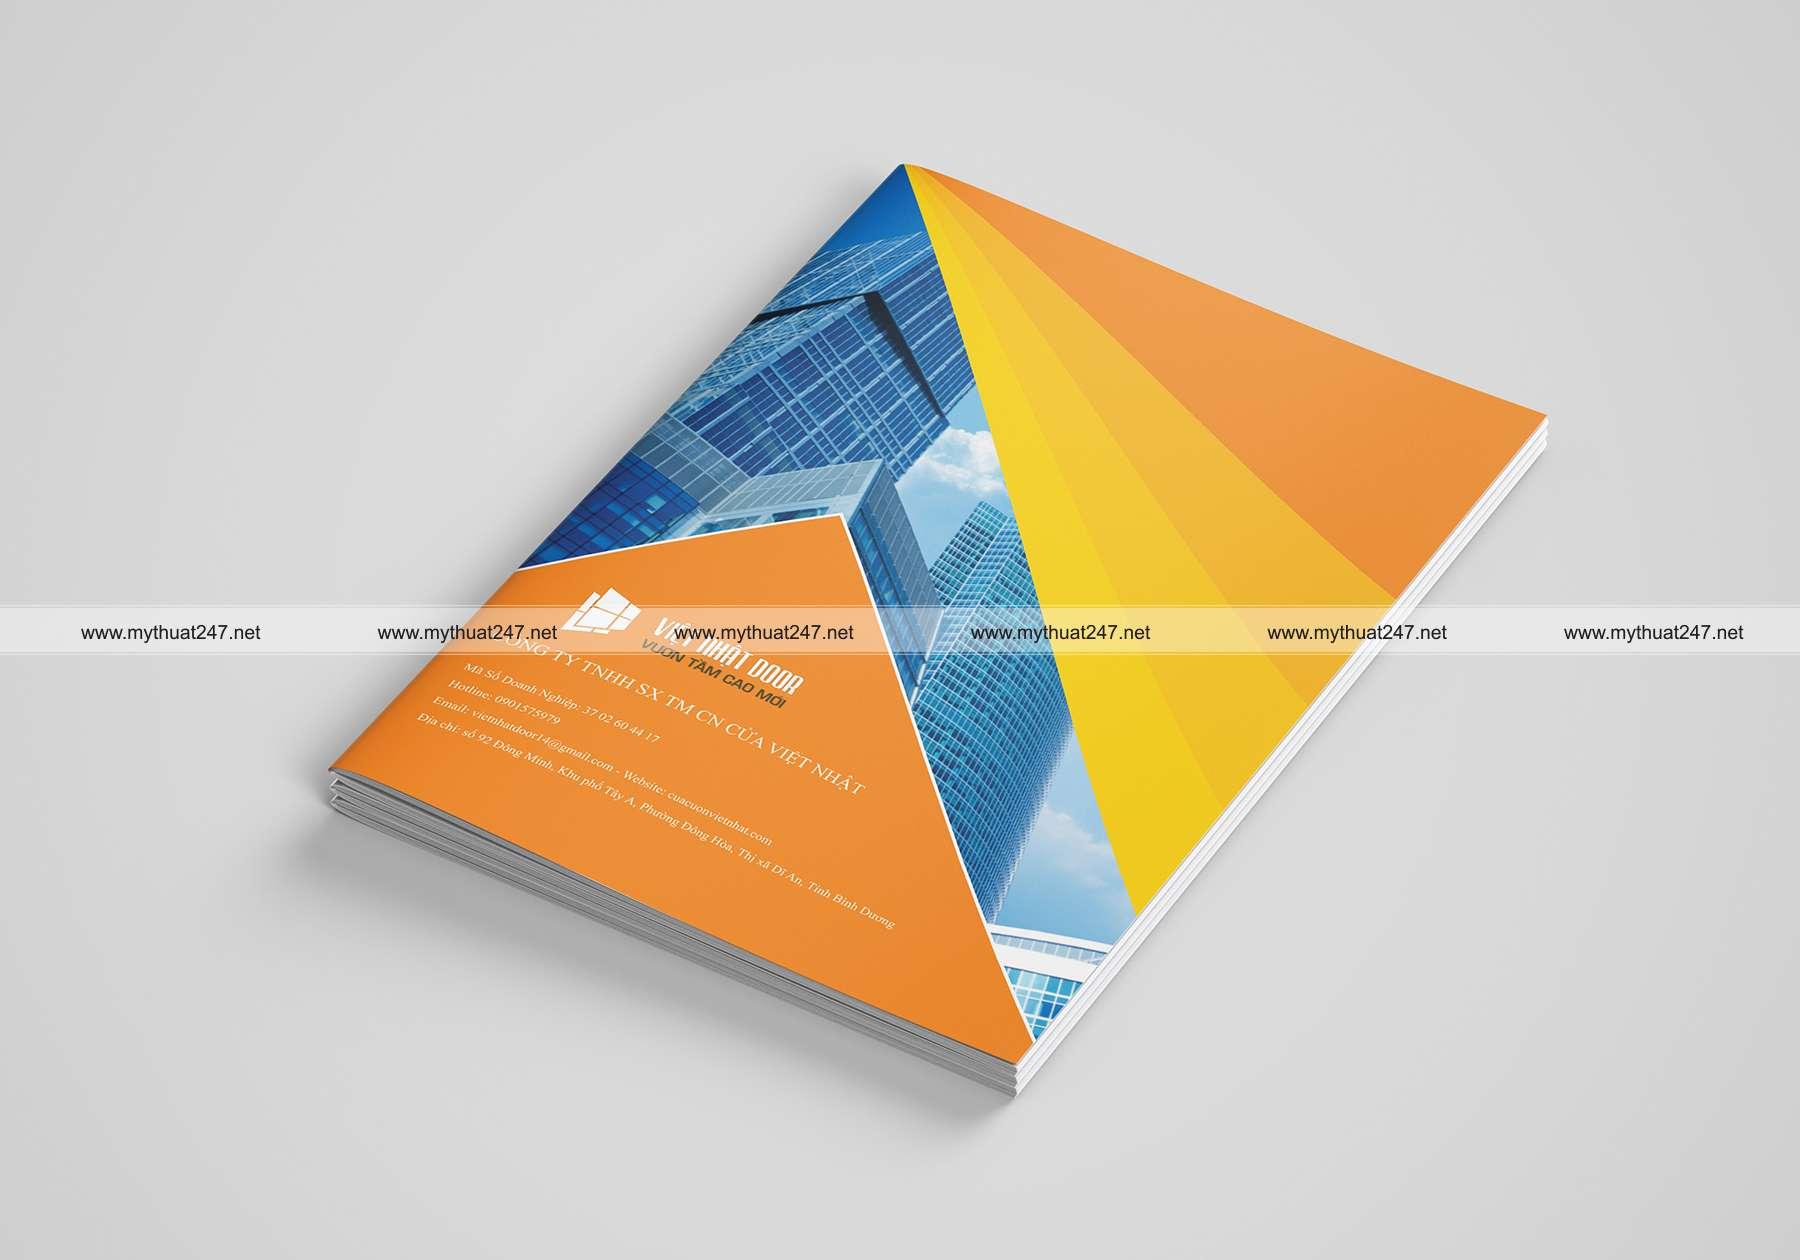 Thiết kế cataloge công ty tnhh sx tm cn cửa việt nhật